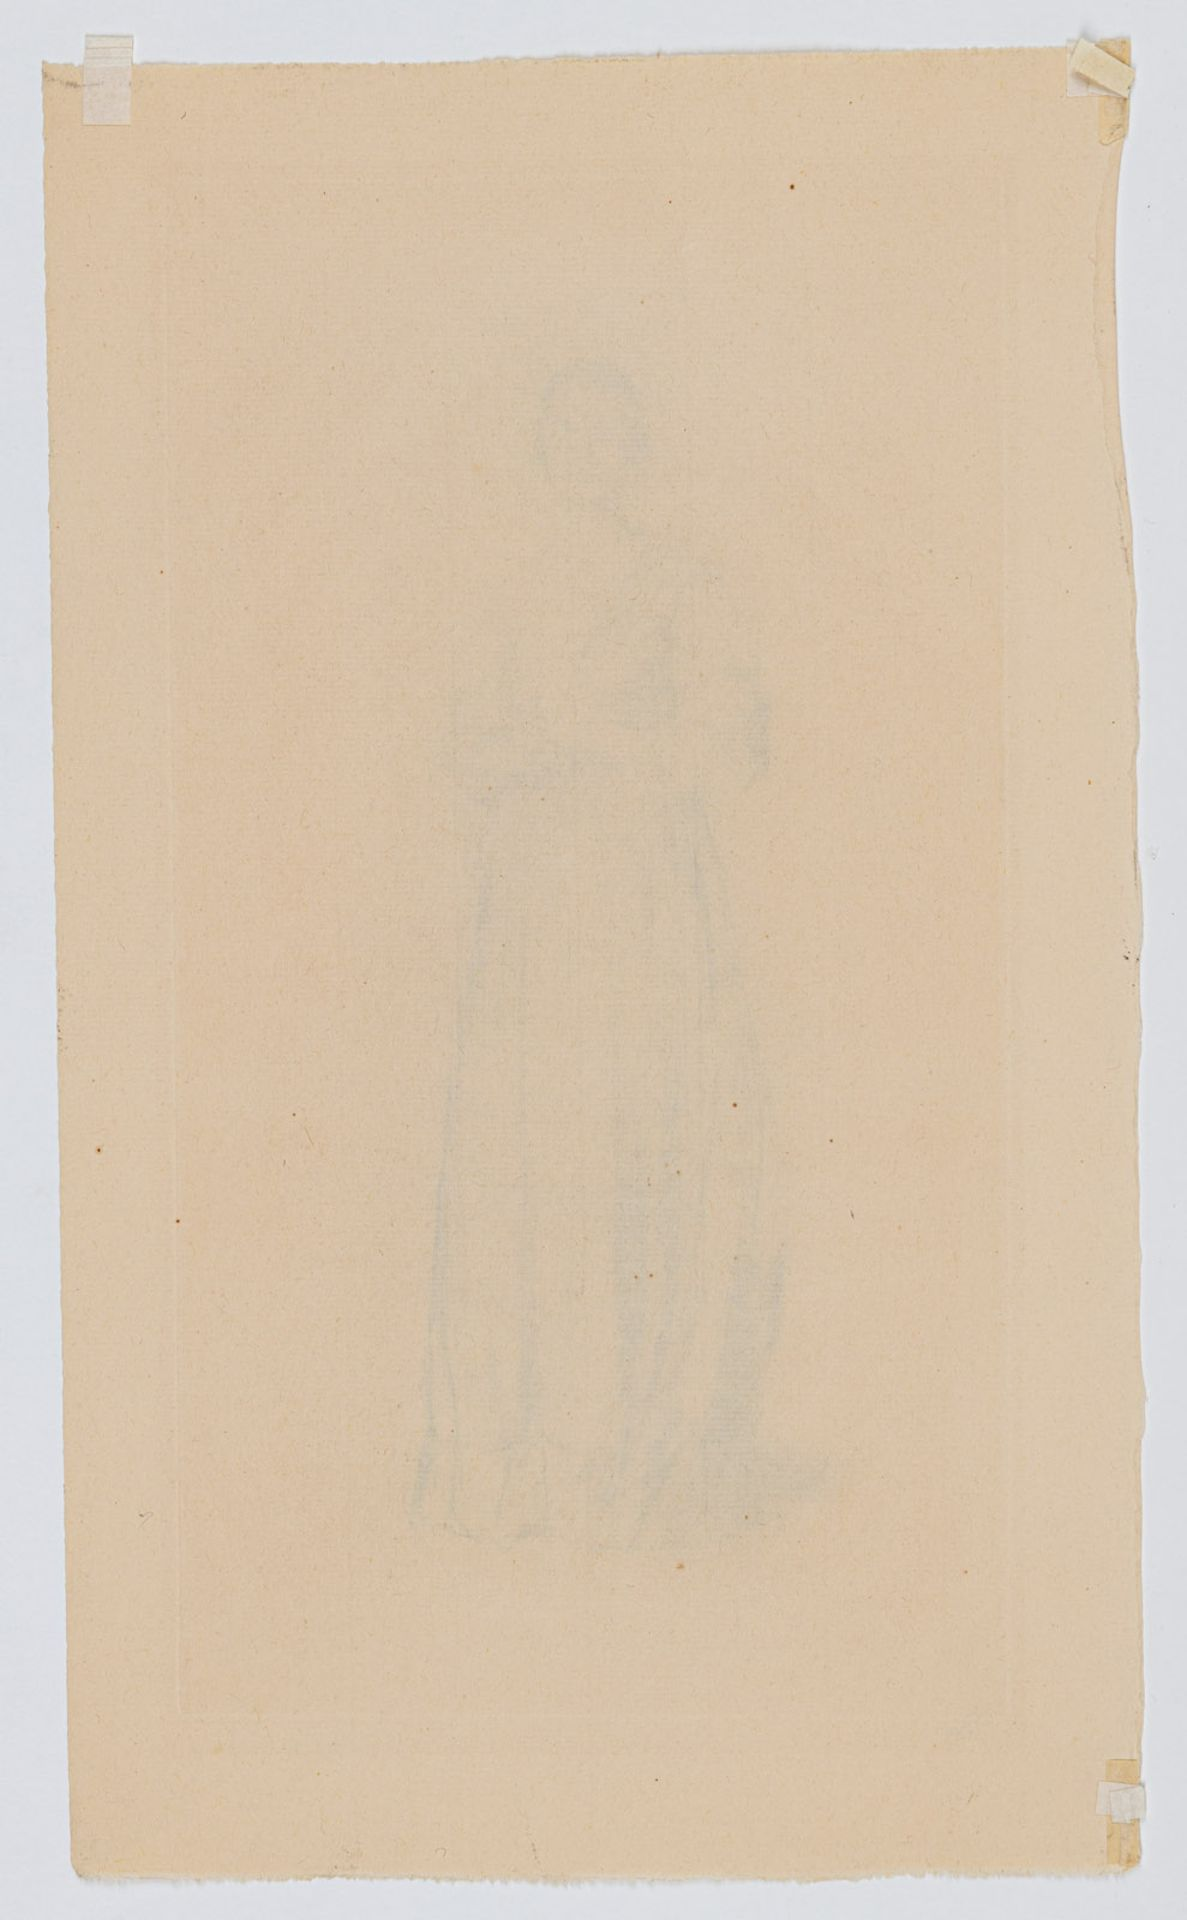 Oppler, Ernst - Image 6 of 9